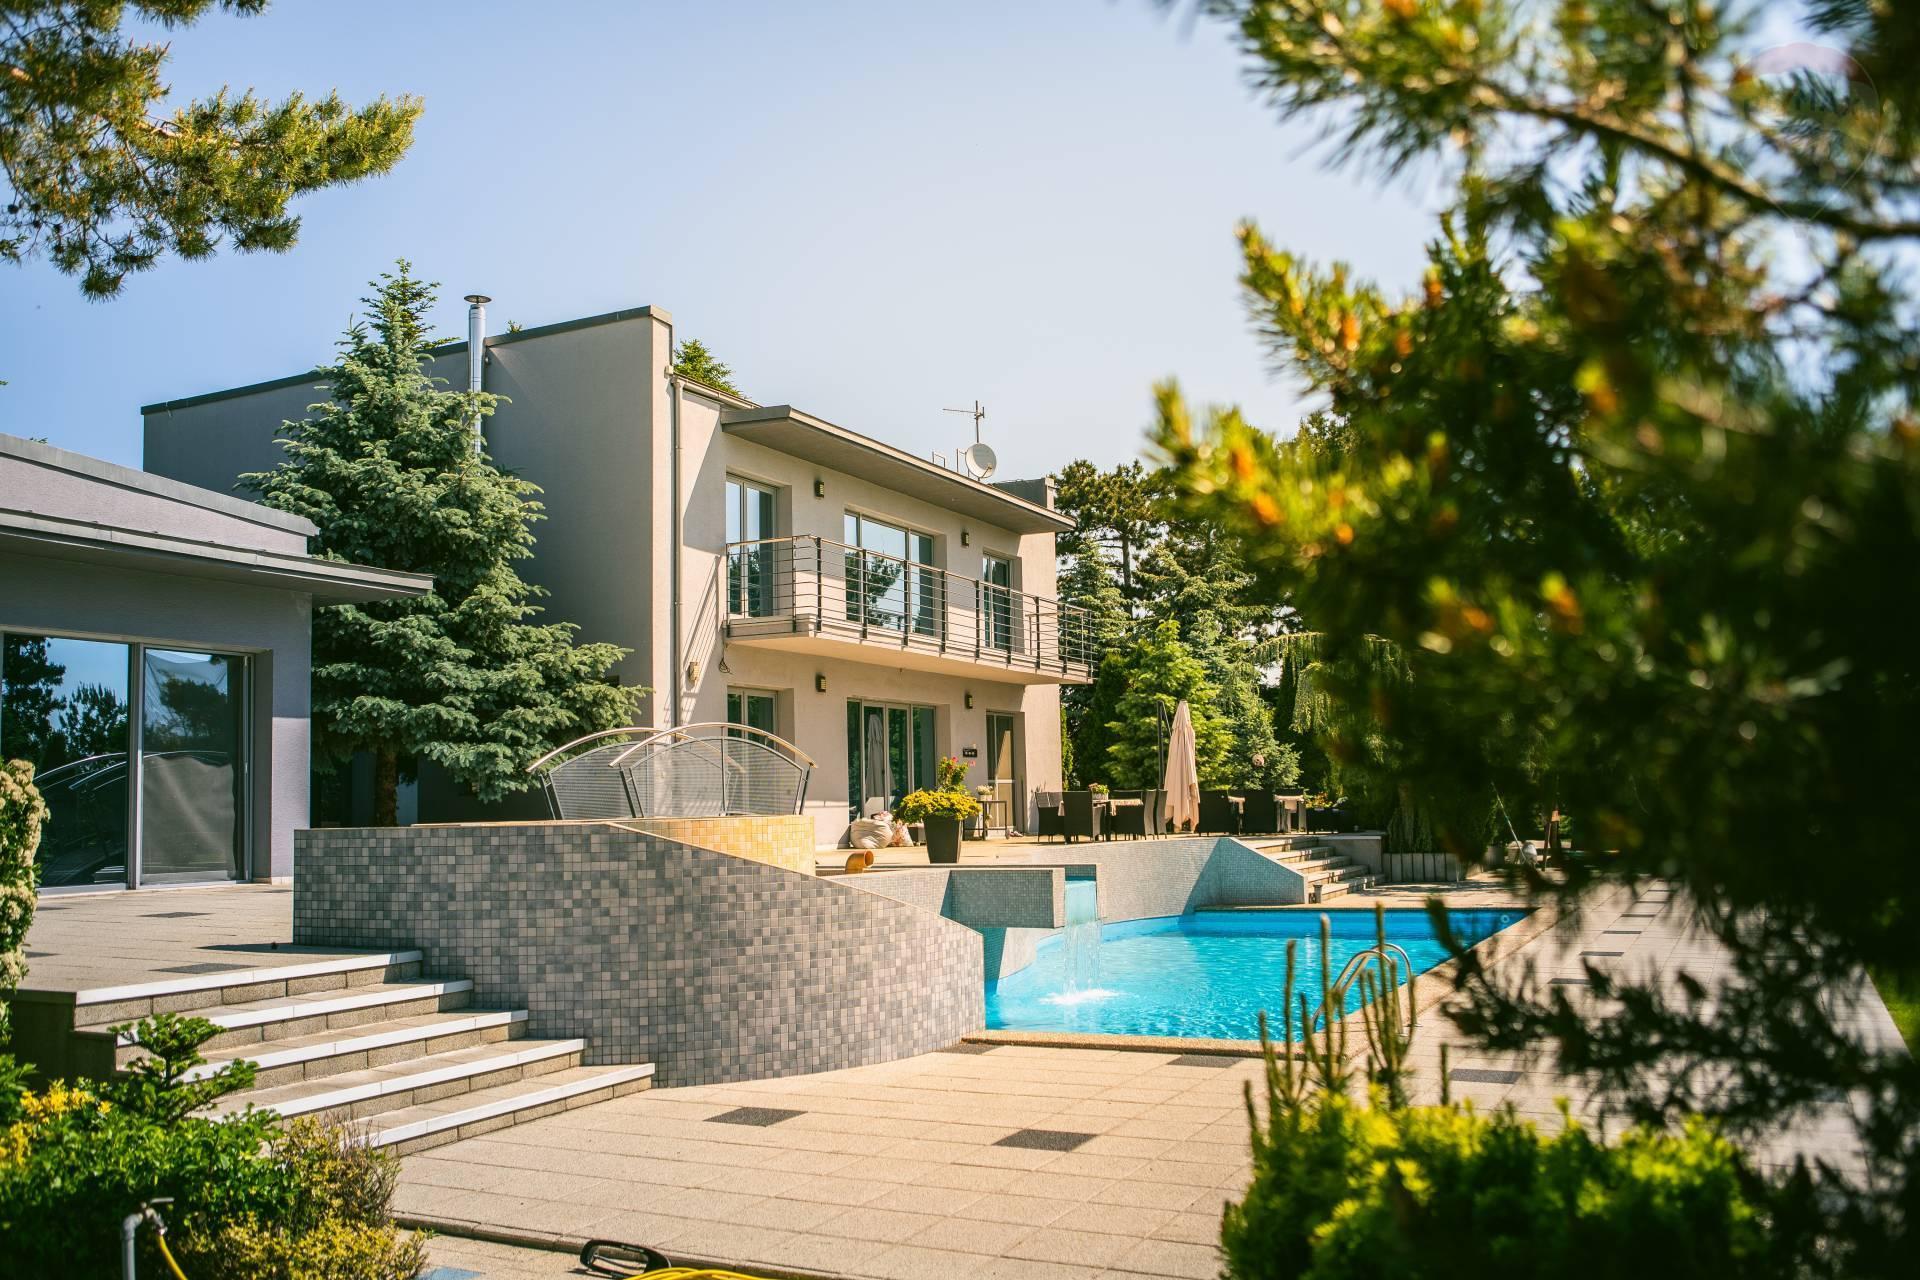 Tehlová 5 izbová vila s veľkorysým pozemkom, vonkajším bazénom, saunou a vírivkou, Senec